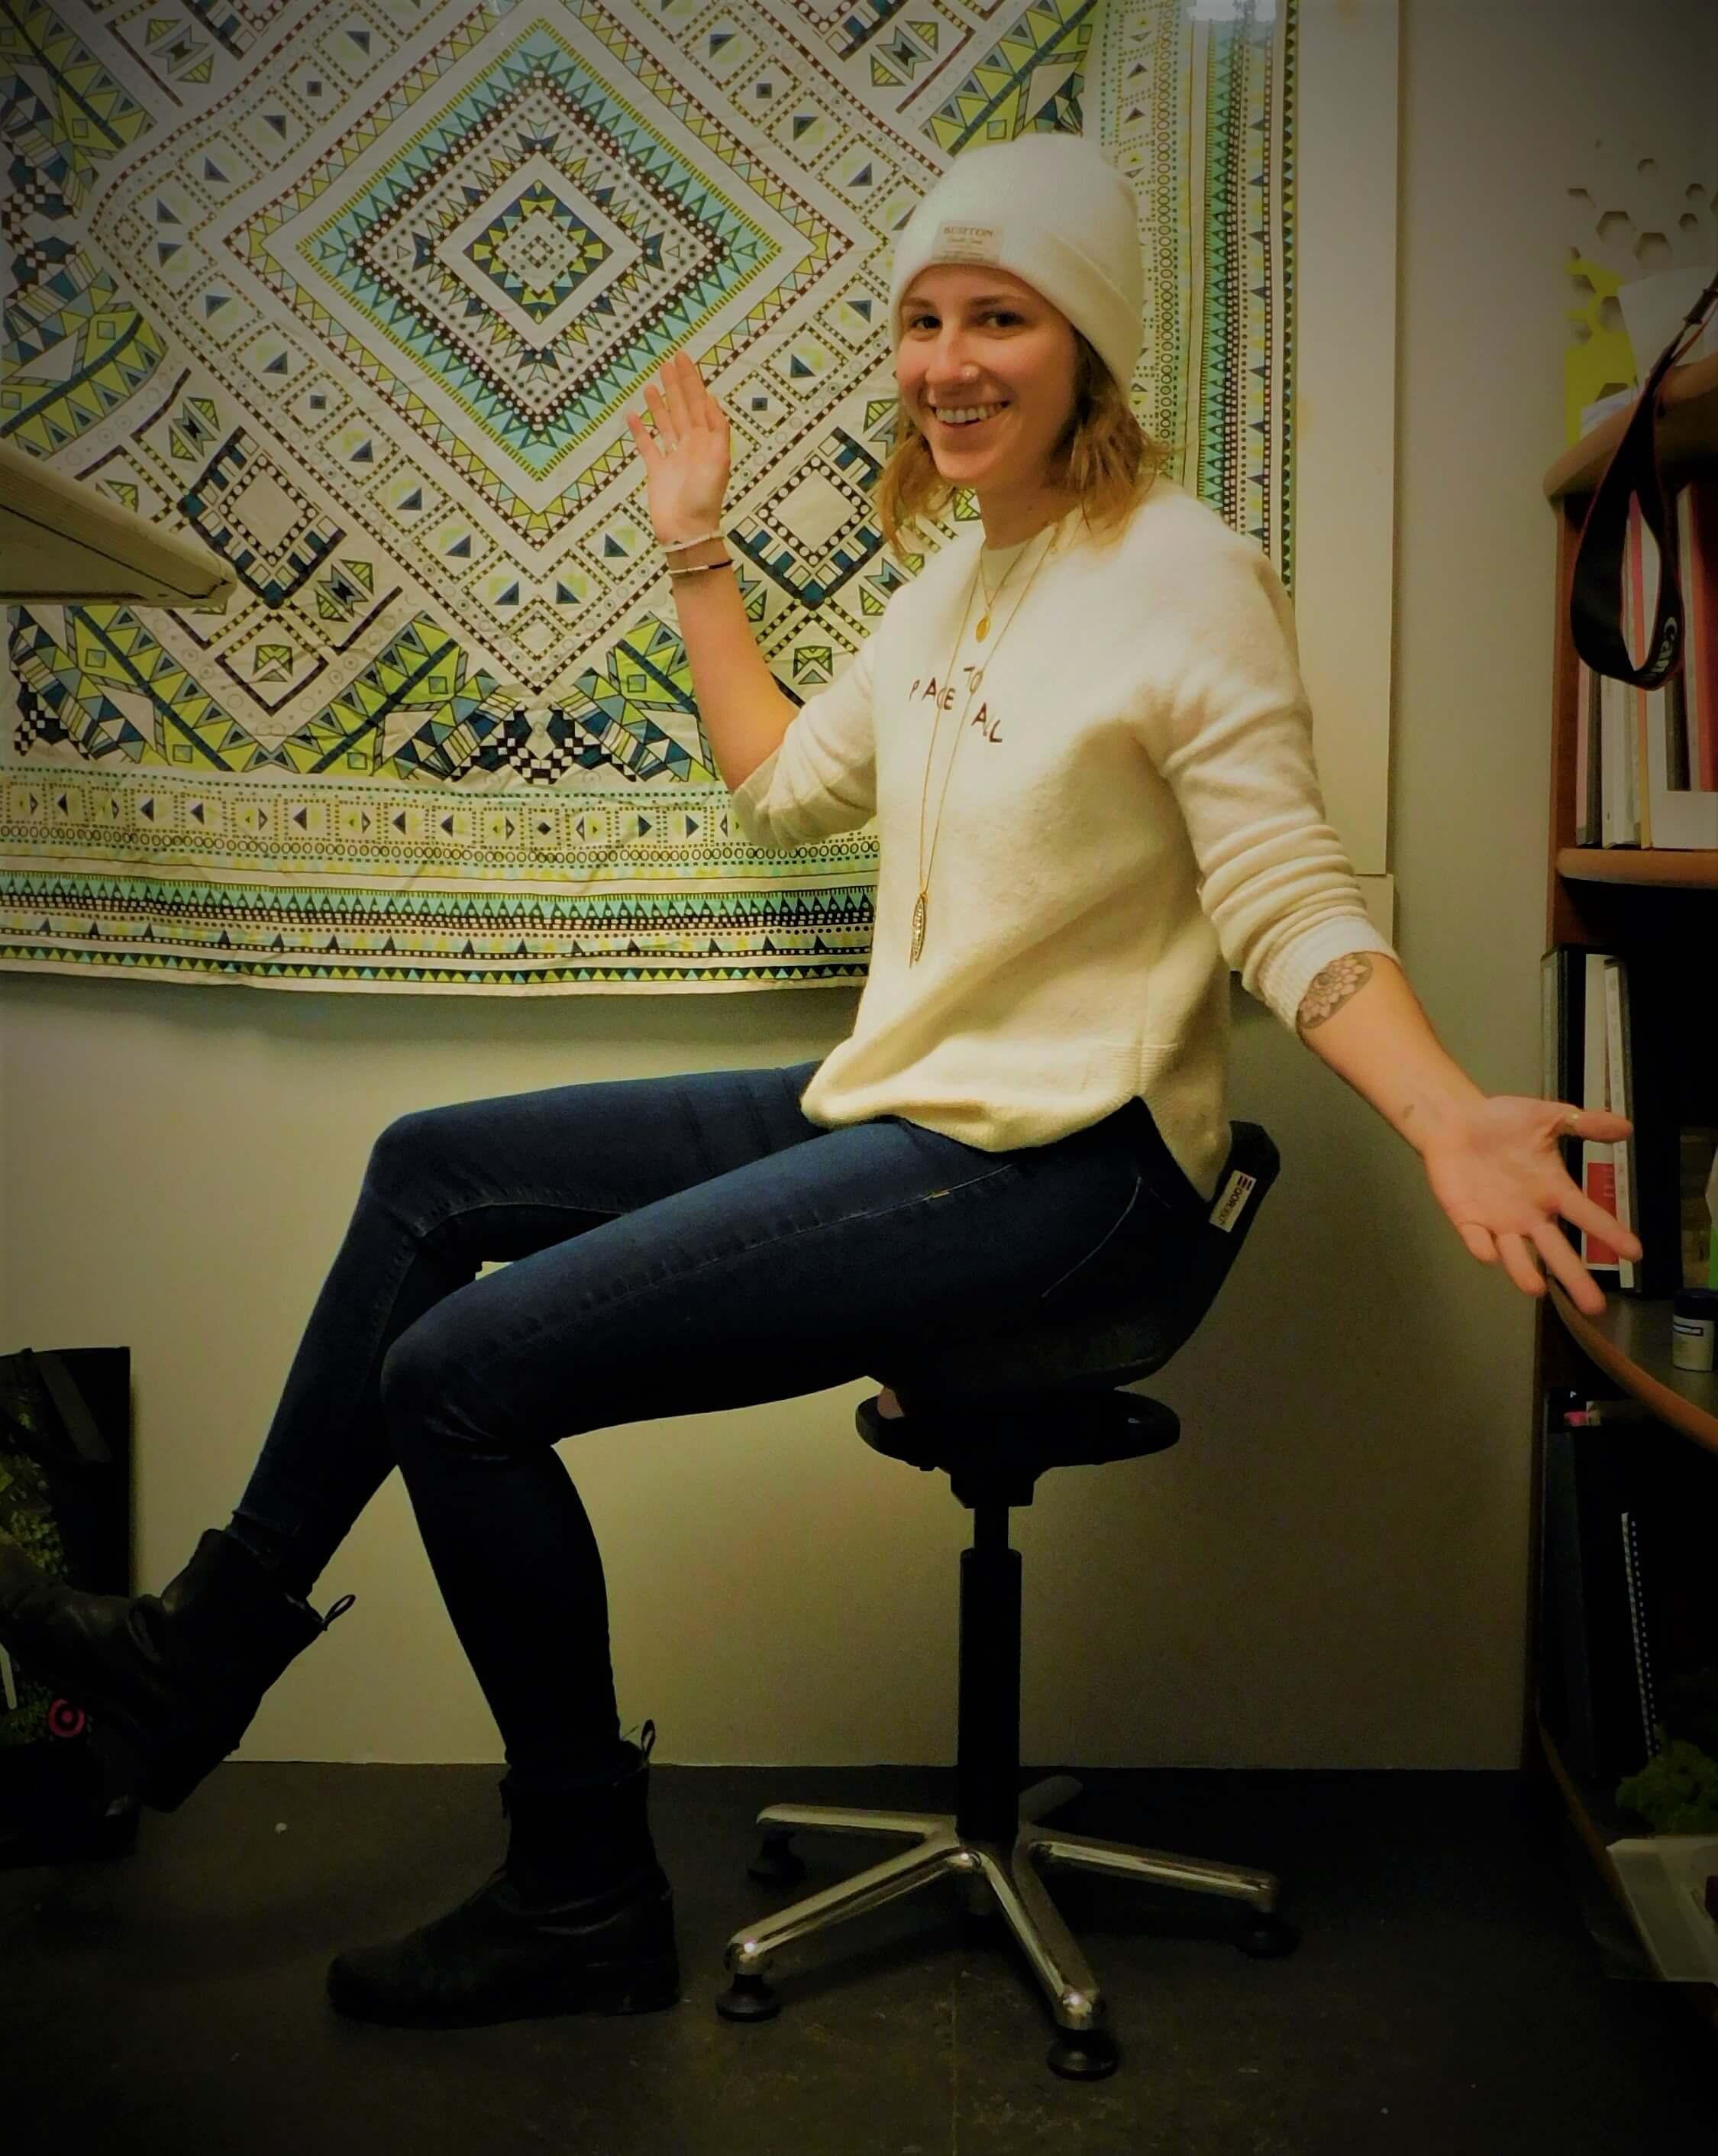 Nathalie Posing